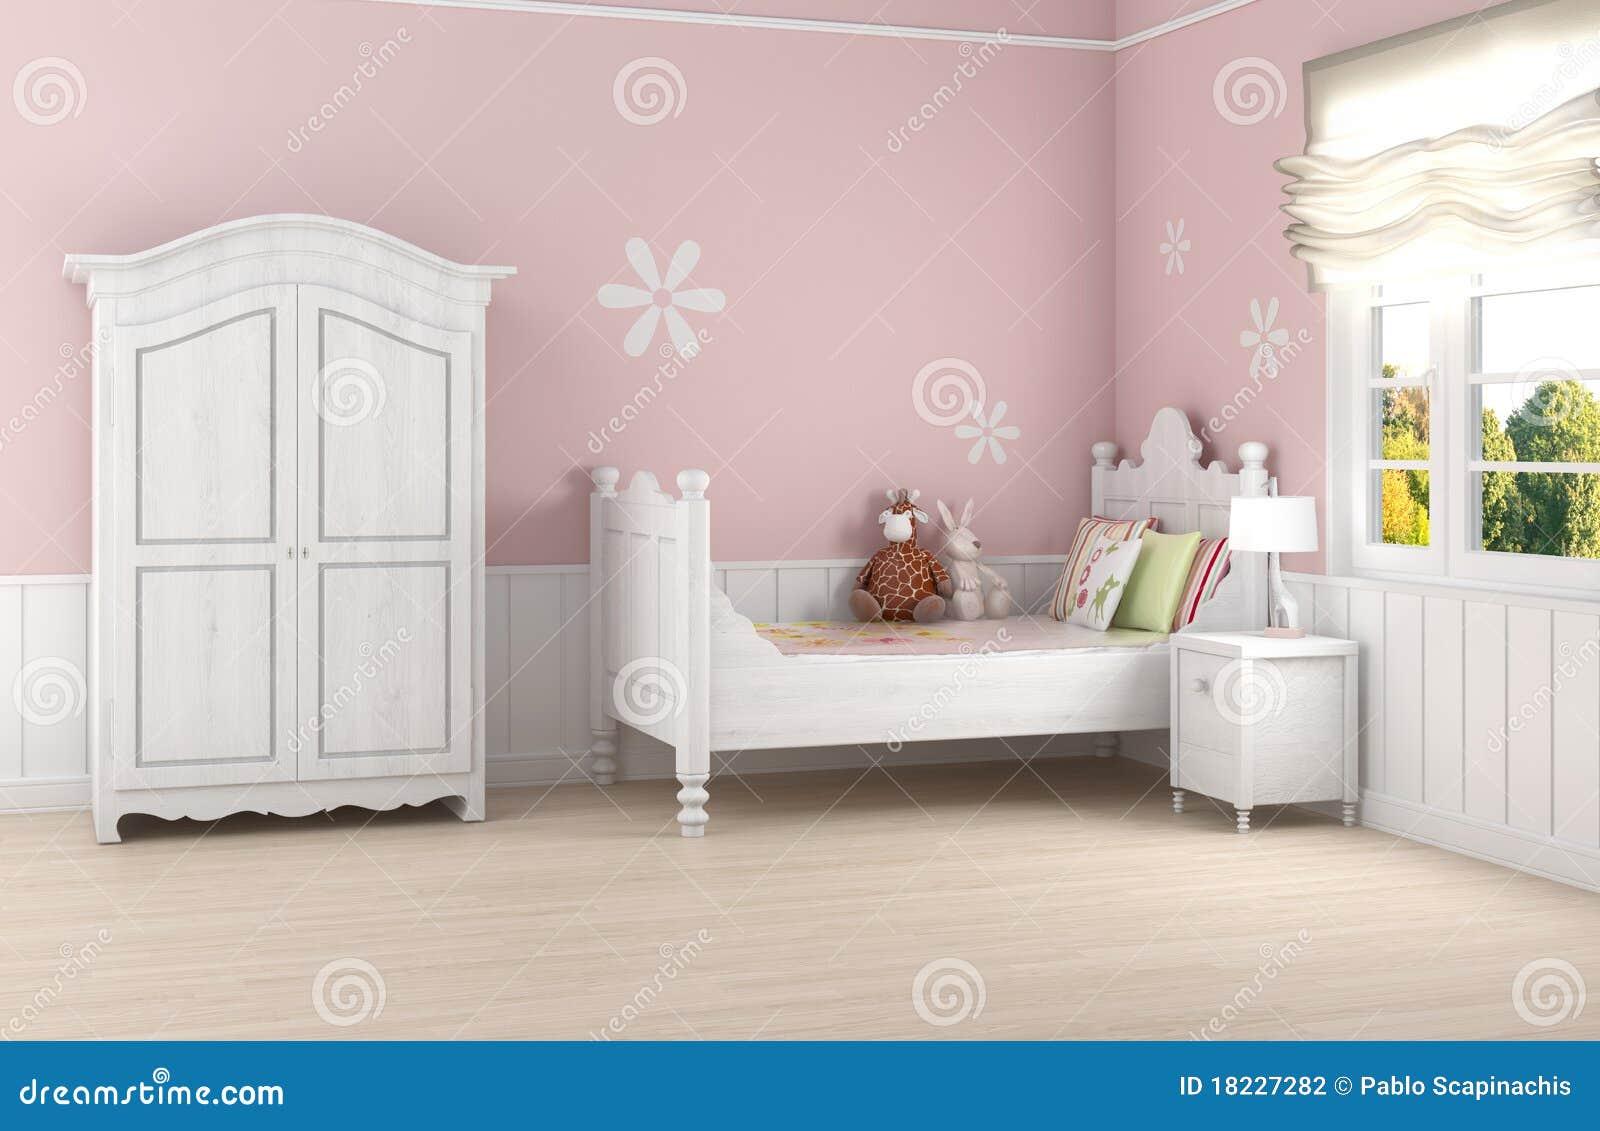 De slaapkamer van het roze meisje stock fotografie beeld 18227282 - Slaapkamer van een meisje ...